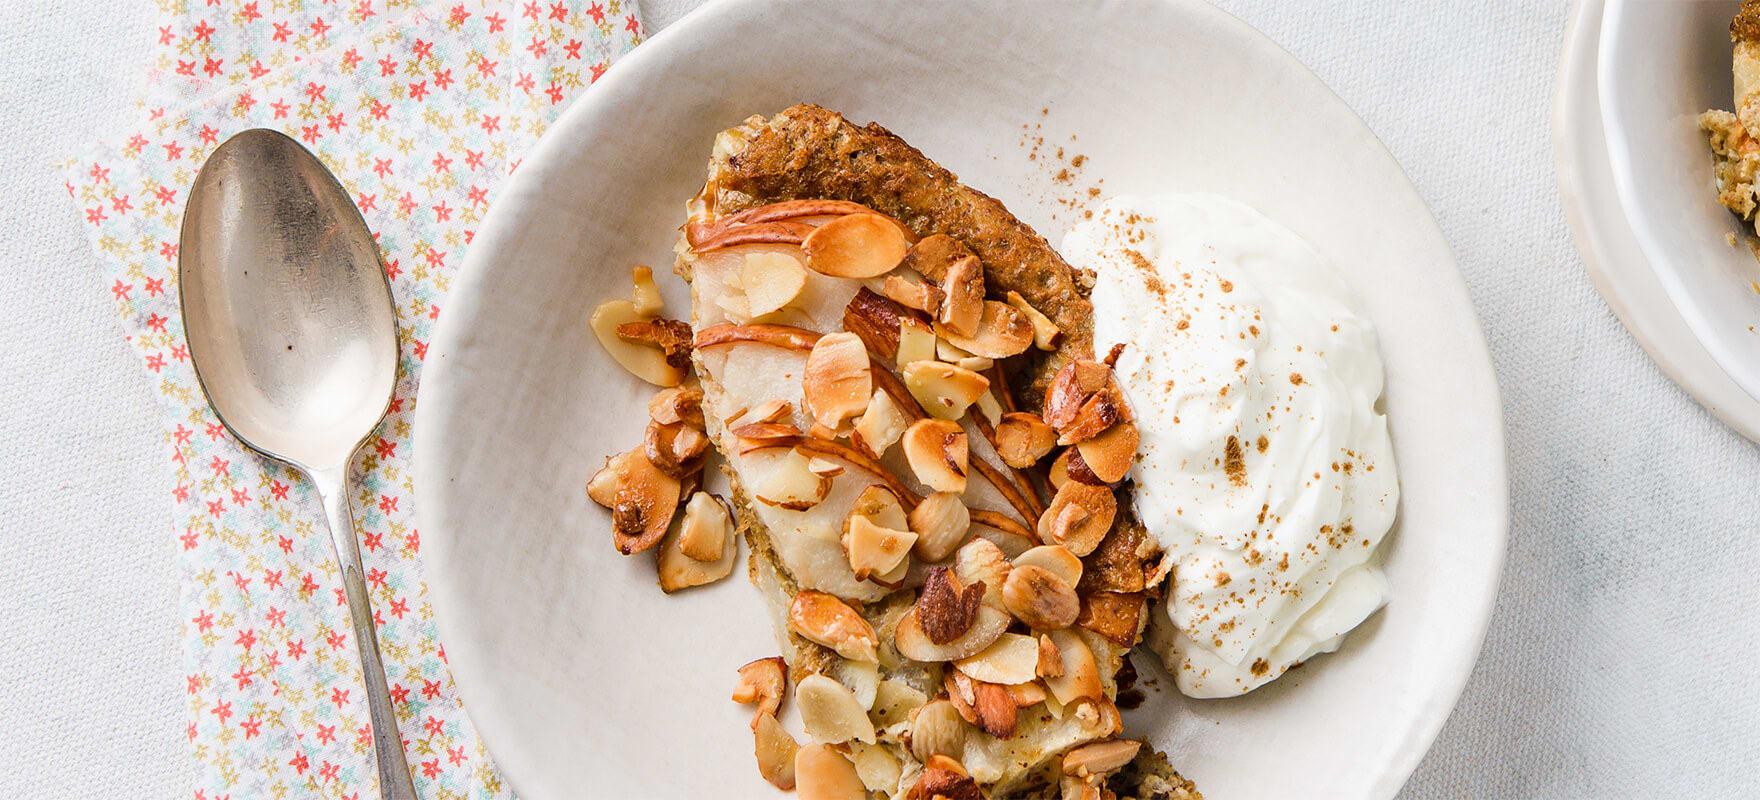 Pear & almond breakfast bake image 2